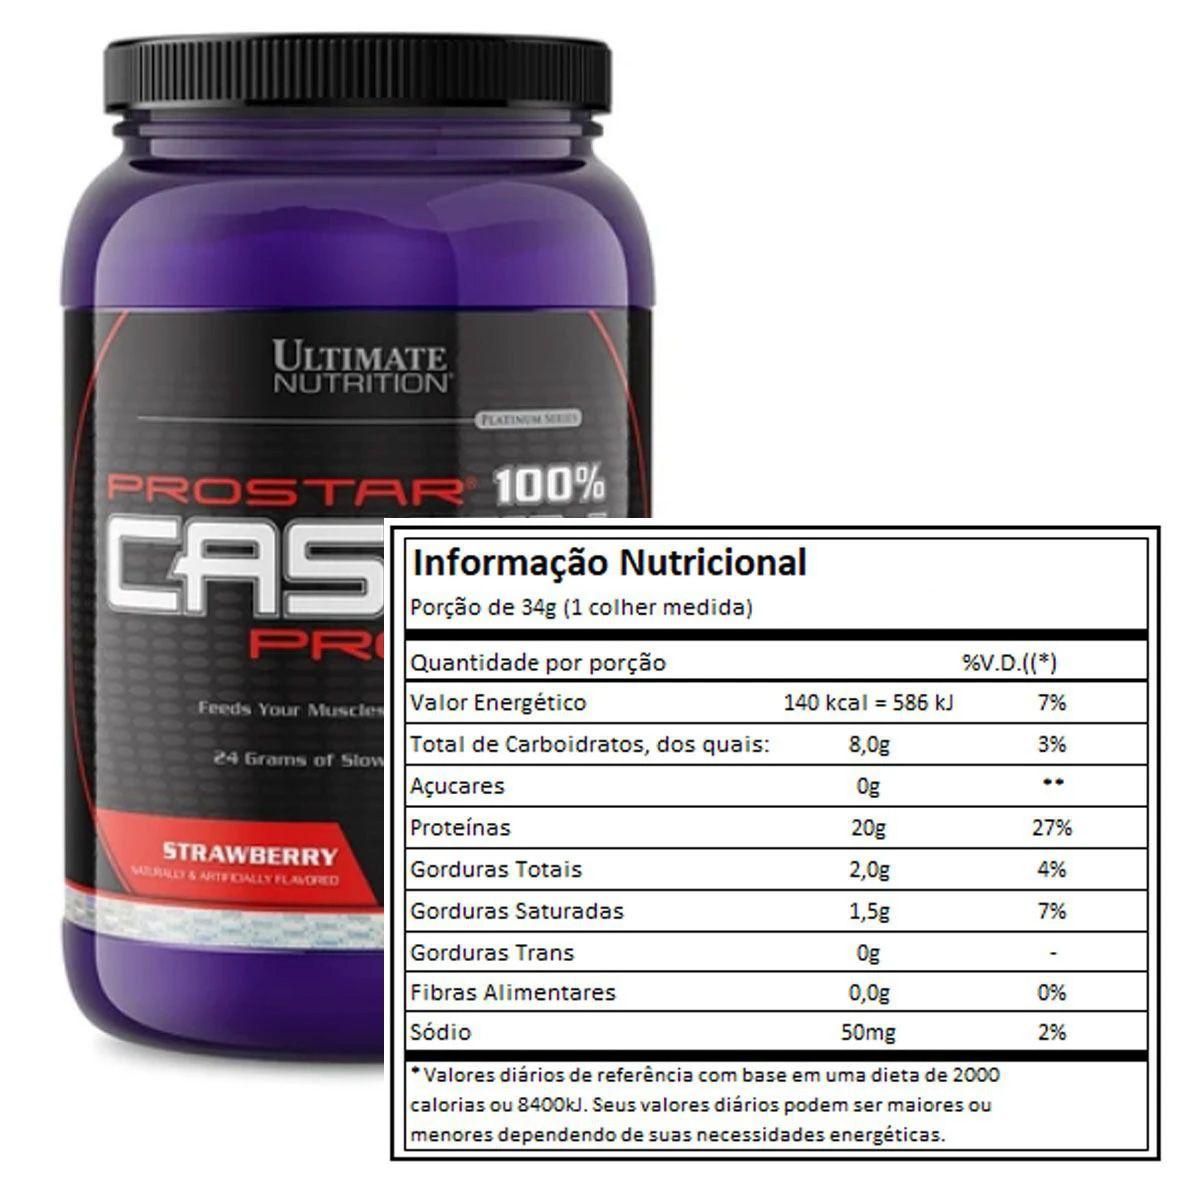 Prostar 100% Casein Protein 900g - Ultimate Nutrition